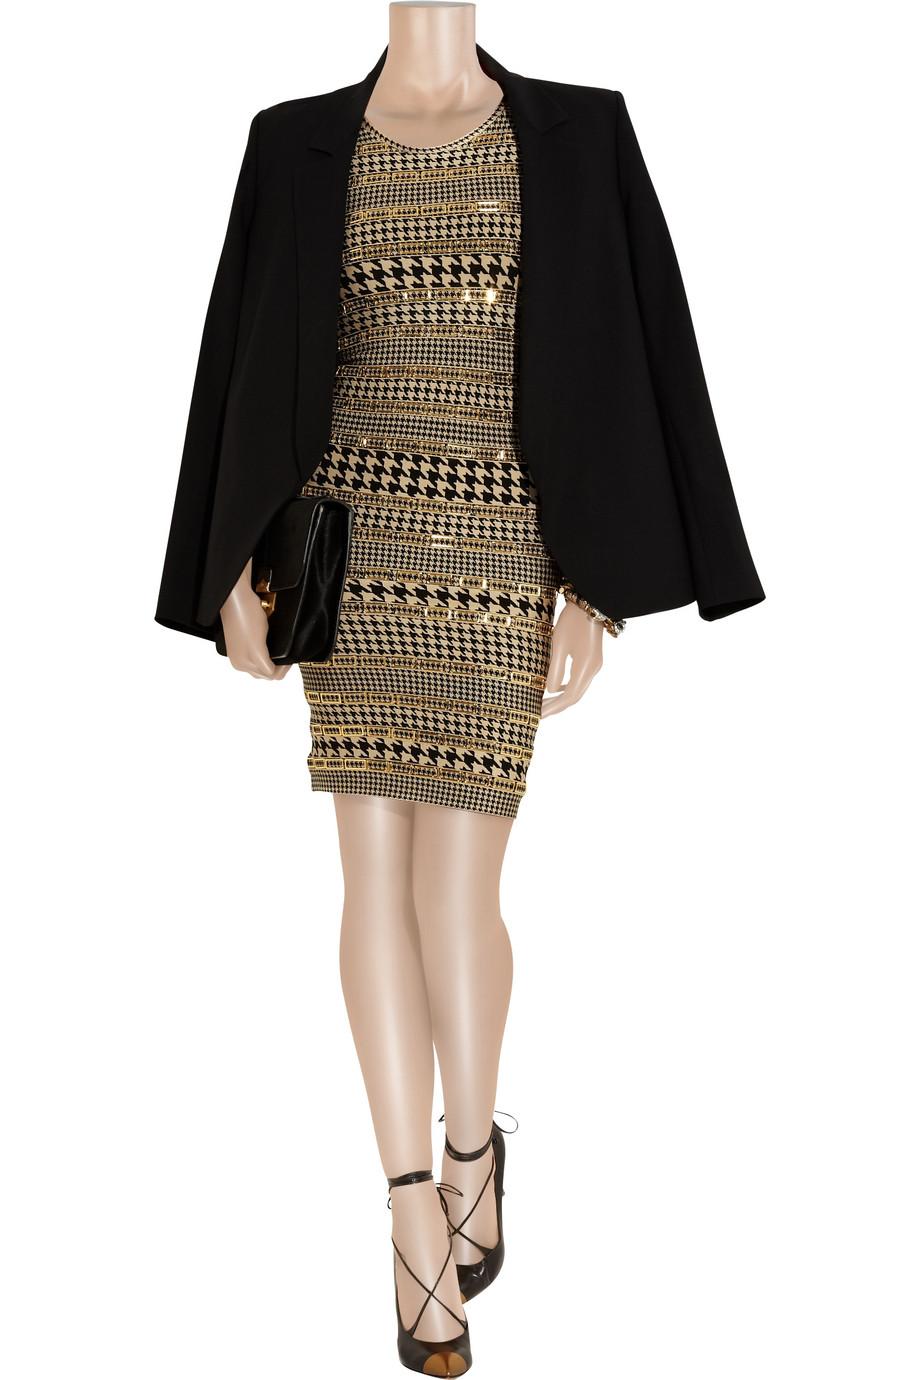 Herv 233 L 233 Ger Embellished Houndstooth Bandage Dress In Gold